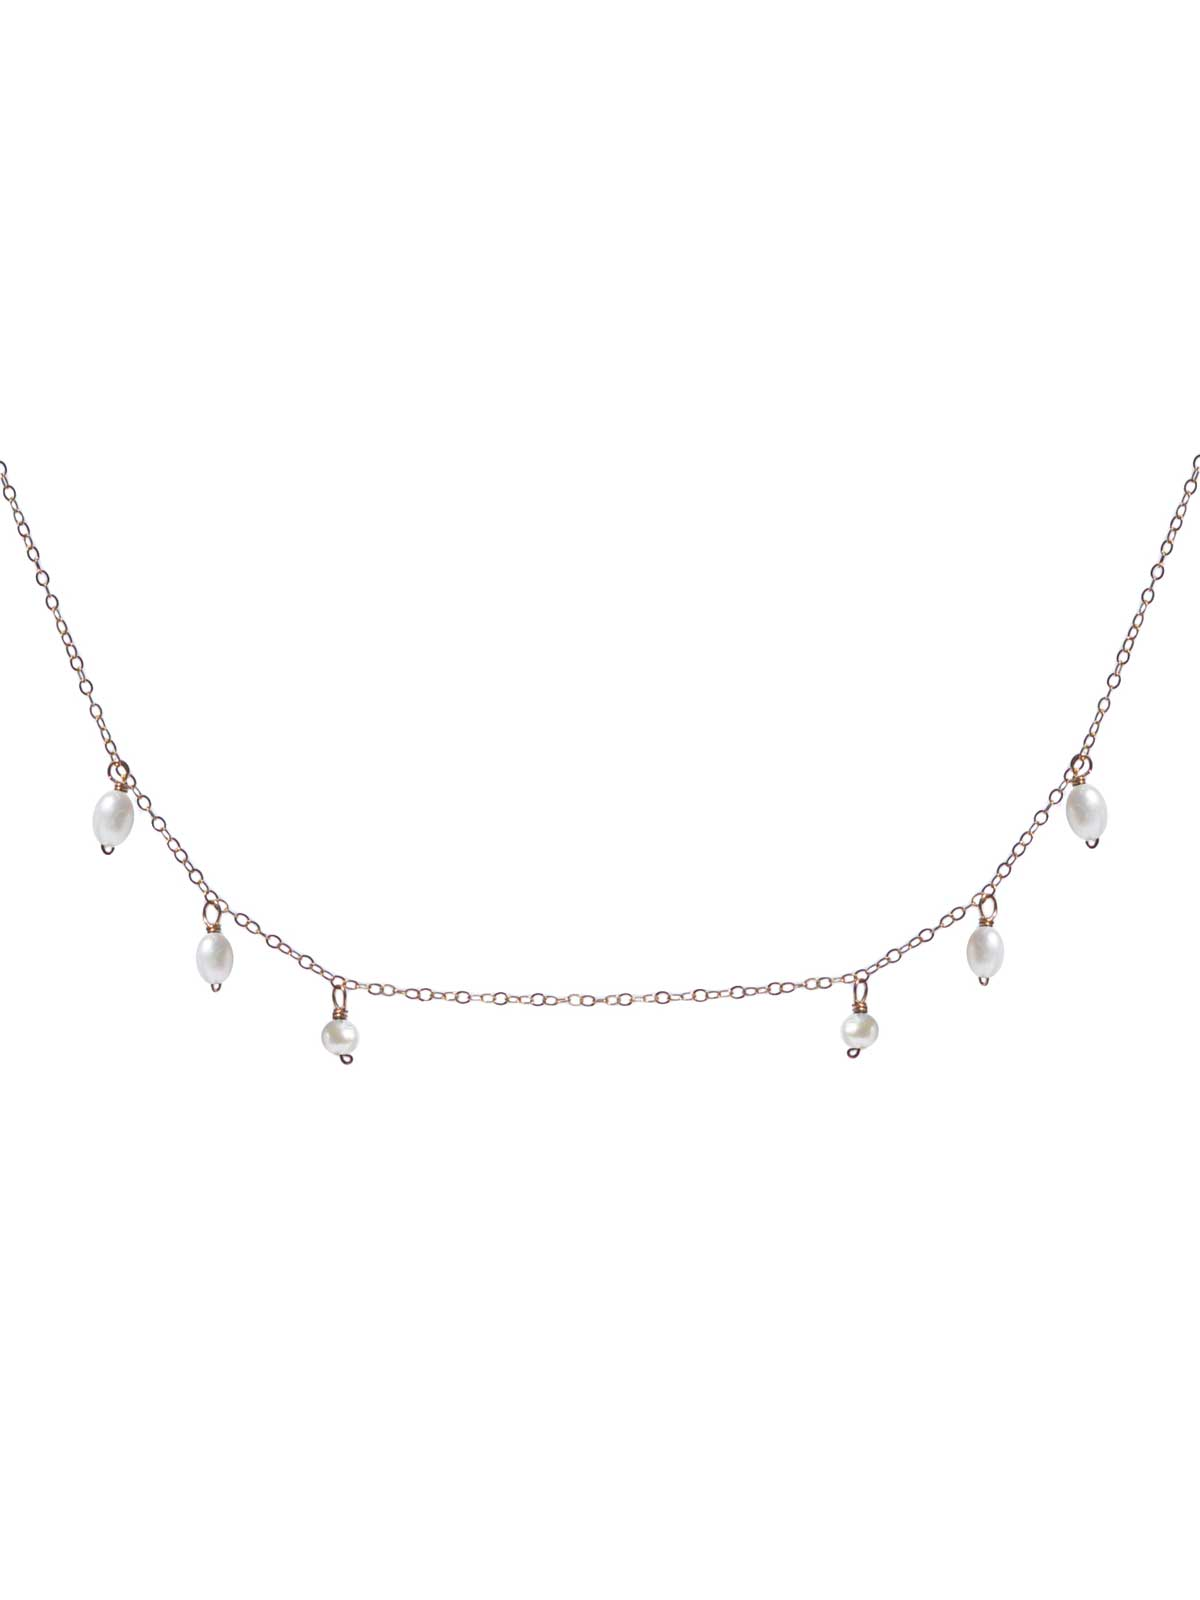 Collier chaîne en Or 14 Carats Gold-filled perles d'eau douce couleur Crème